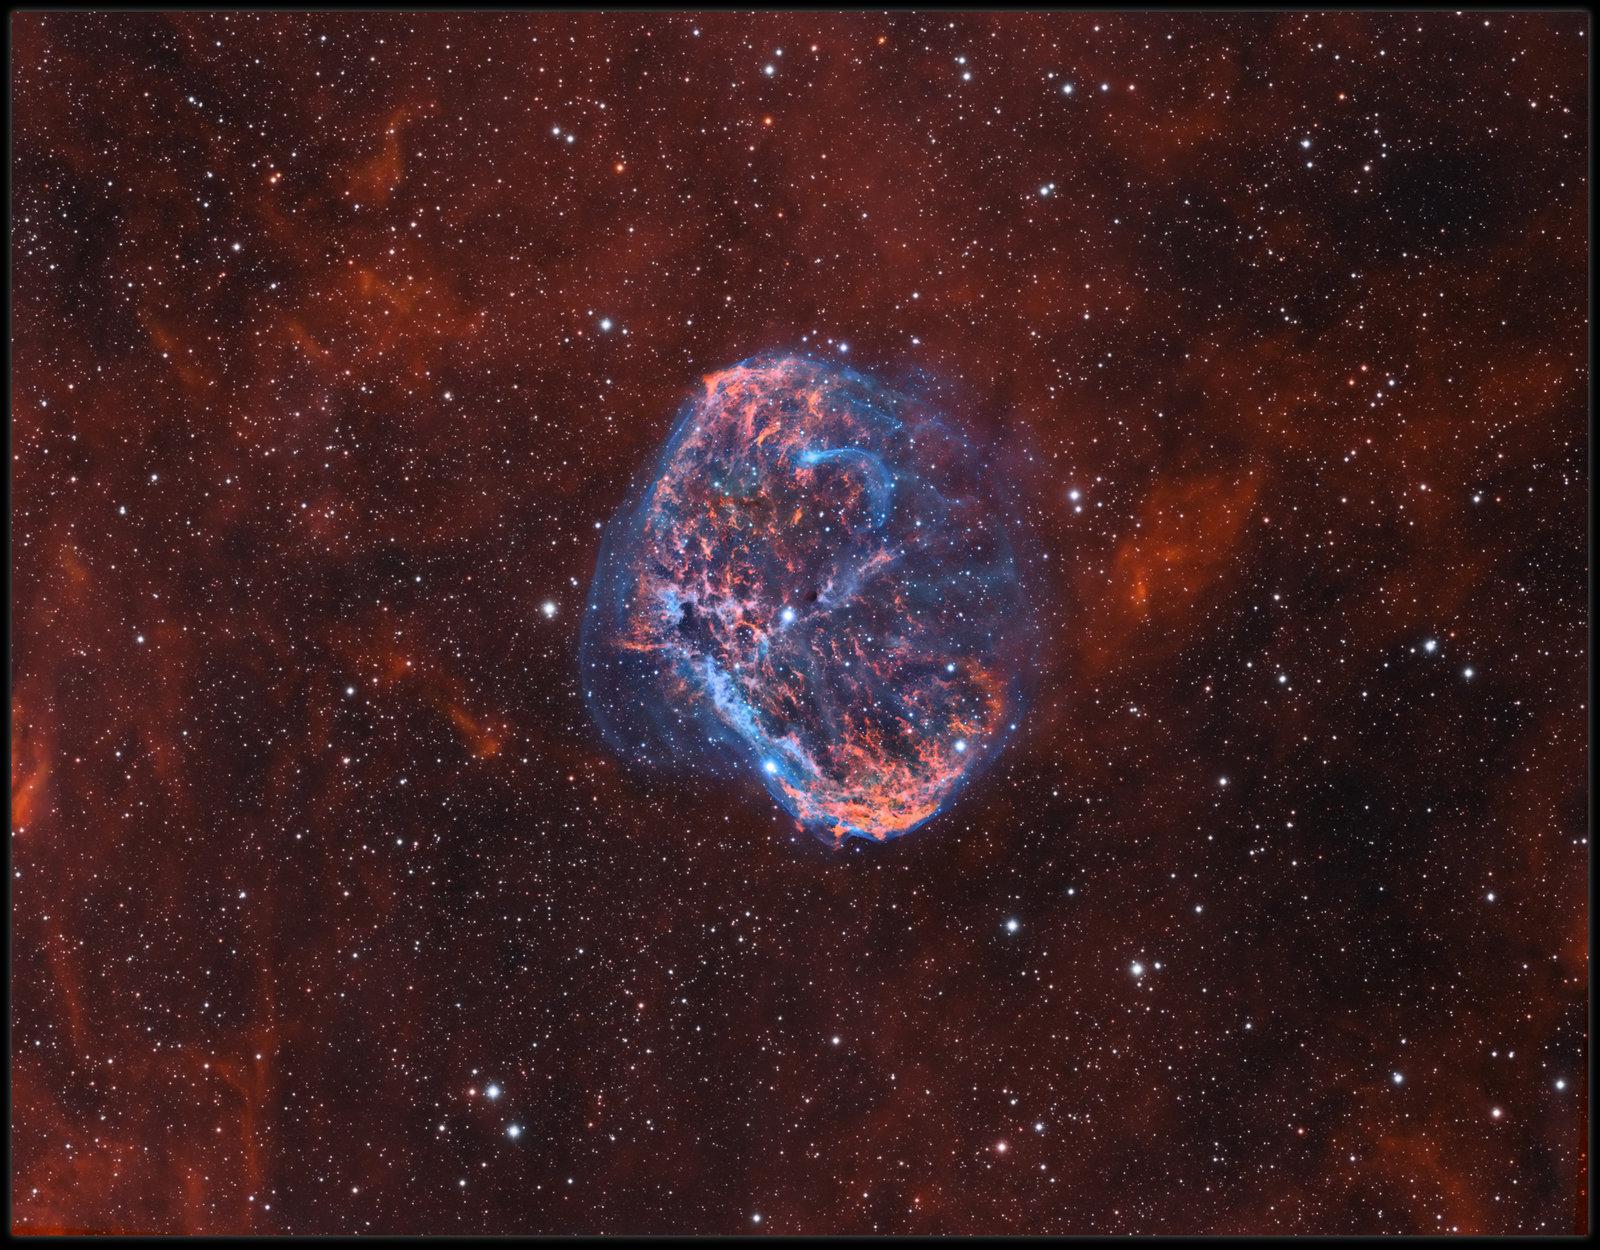 NGC6888_bj.thumb.jpg.454d718124ba1780928d6a301c376f65.jpg